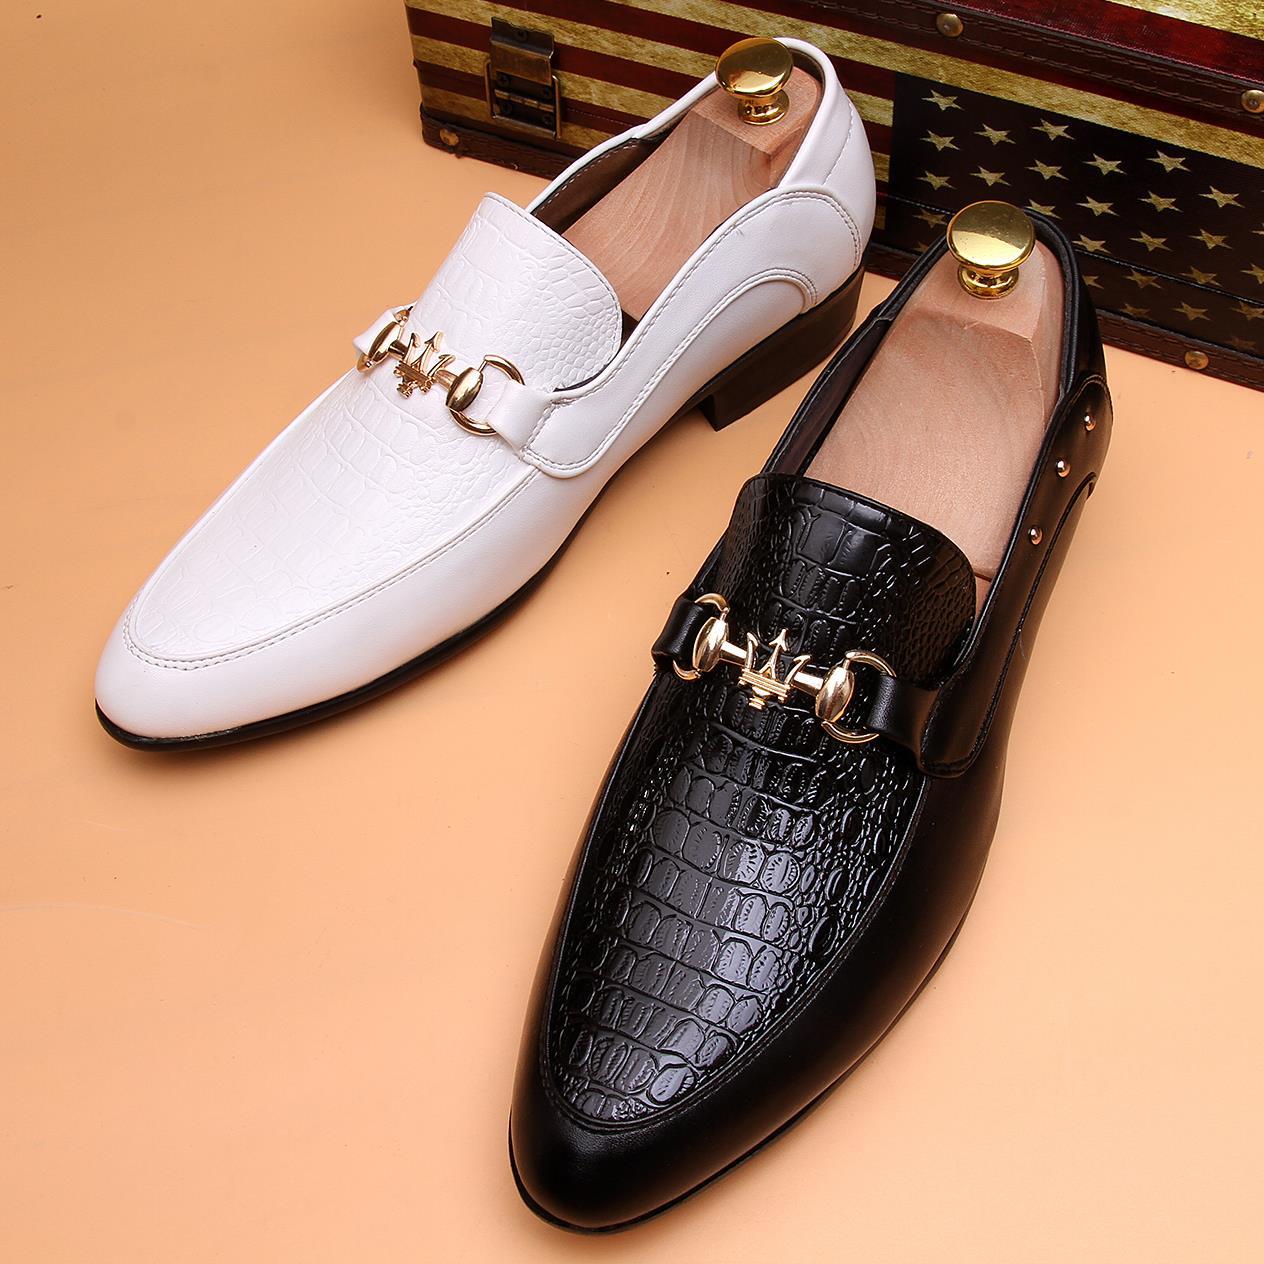 春季豆豆鞋英伦尖头男鞋商务白色 黑色皮鞋韩版休闲发型师单鞋